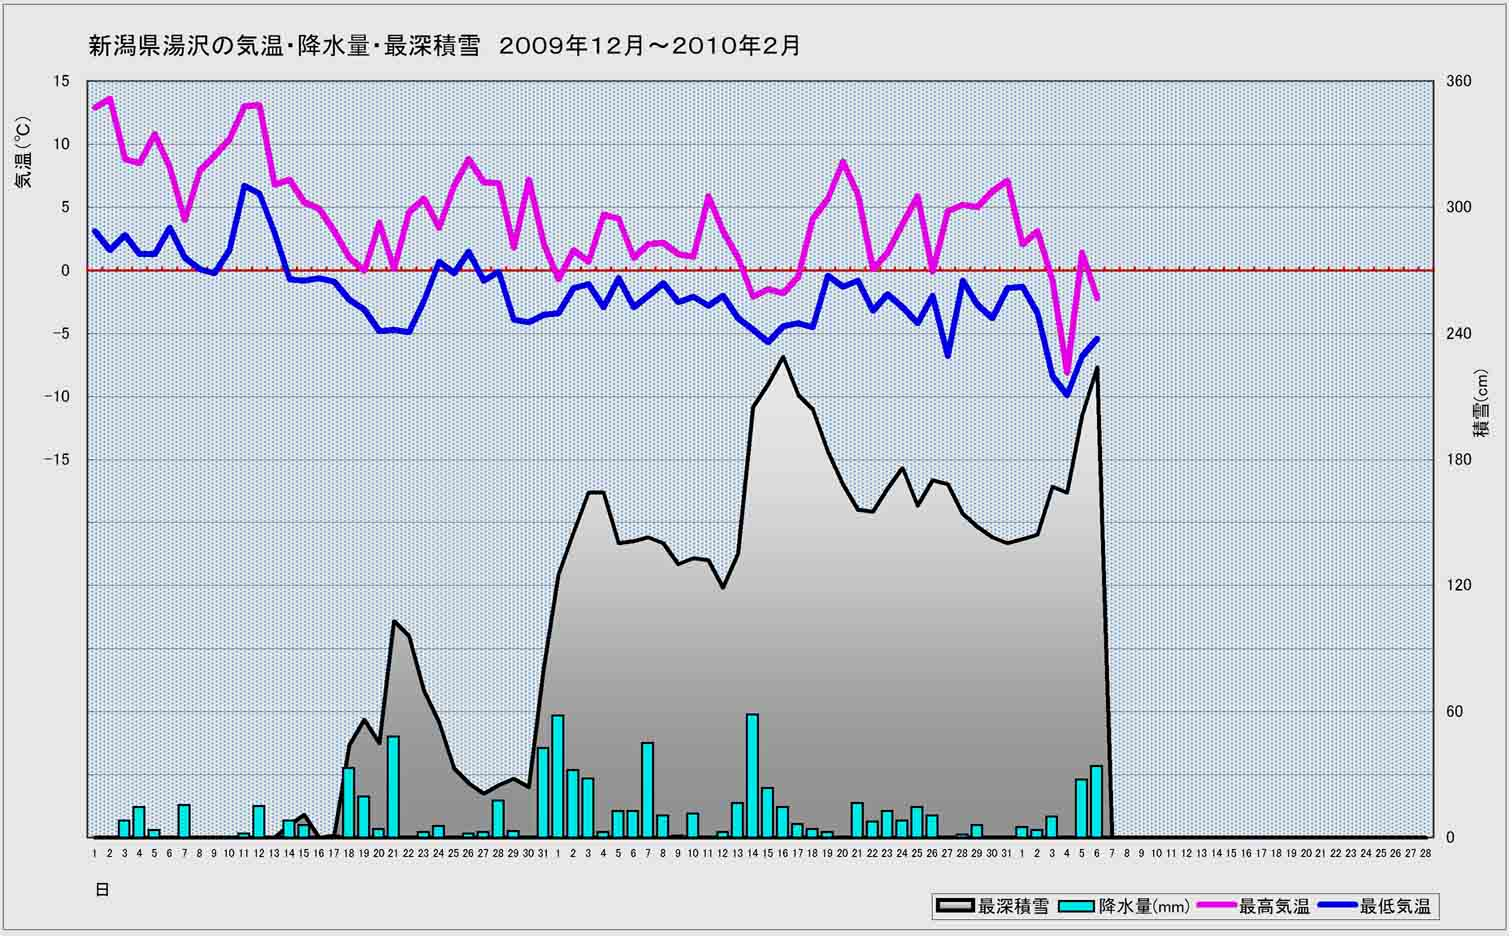 E地点(湯沢)の2009年12月~今年2月6日まで